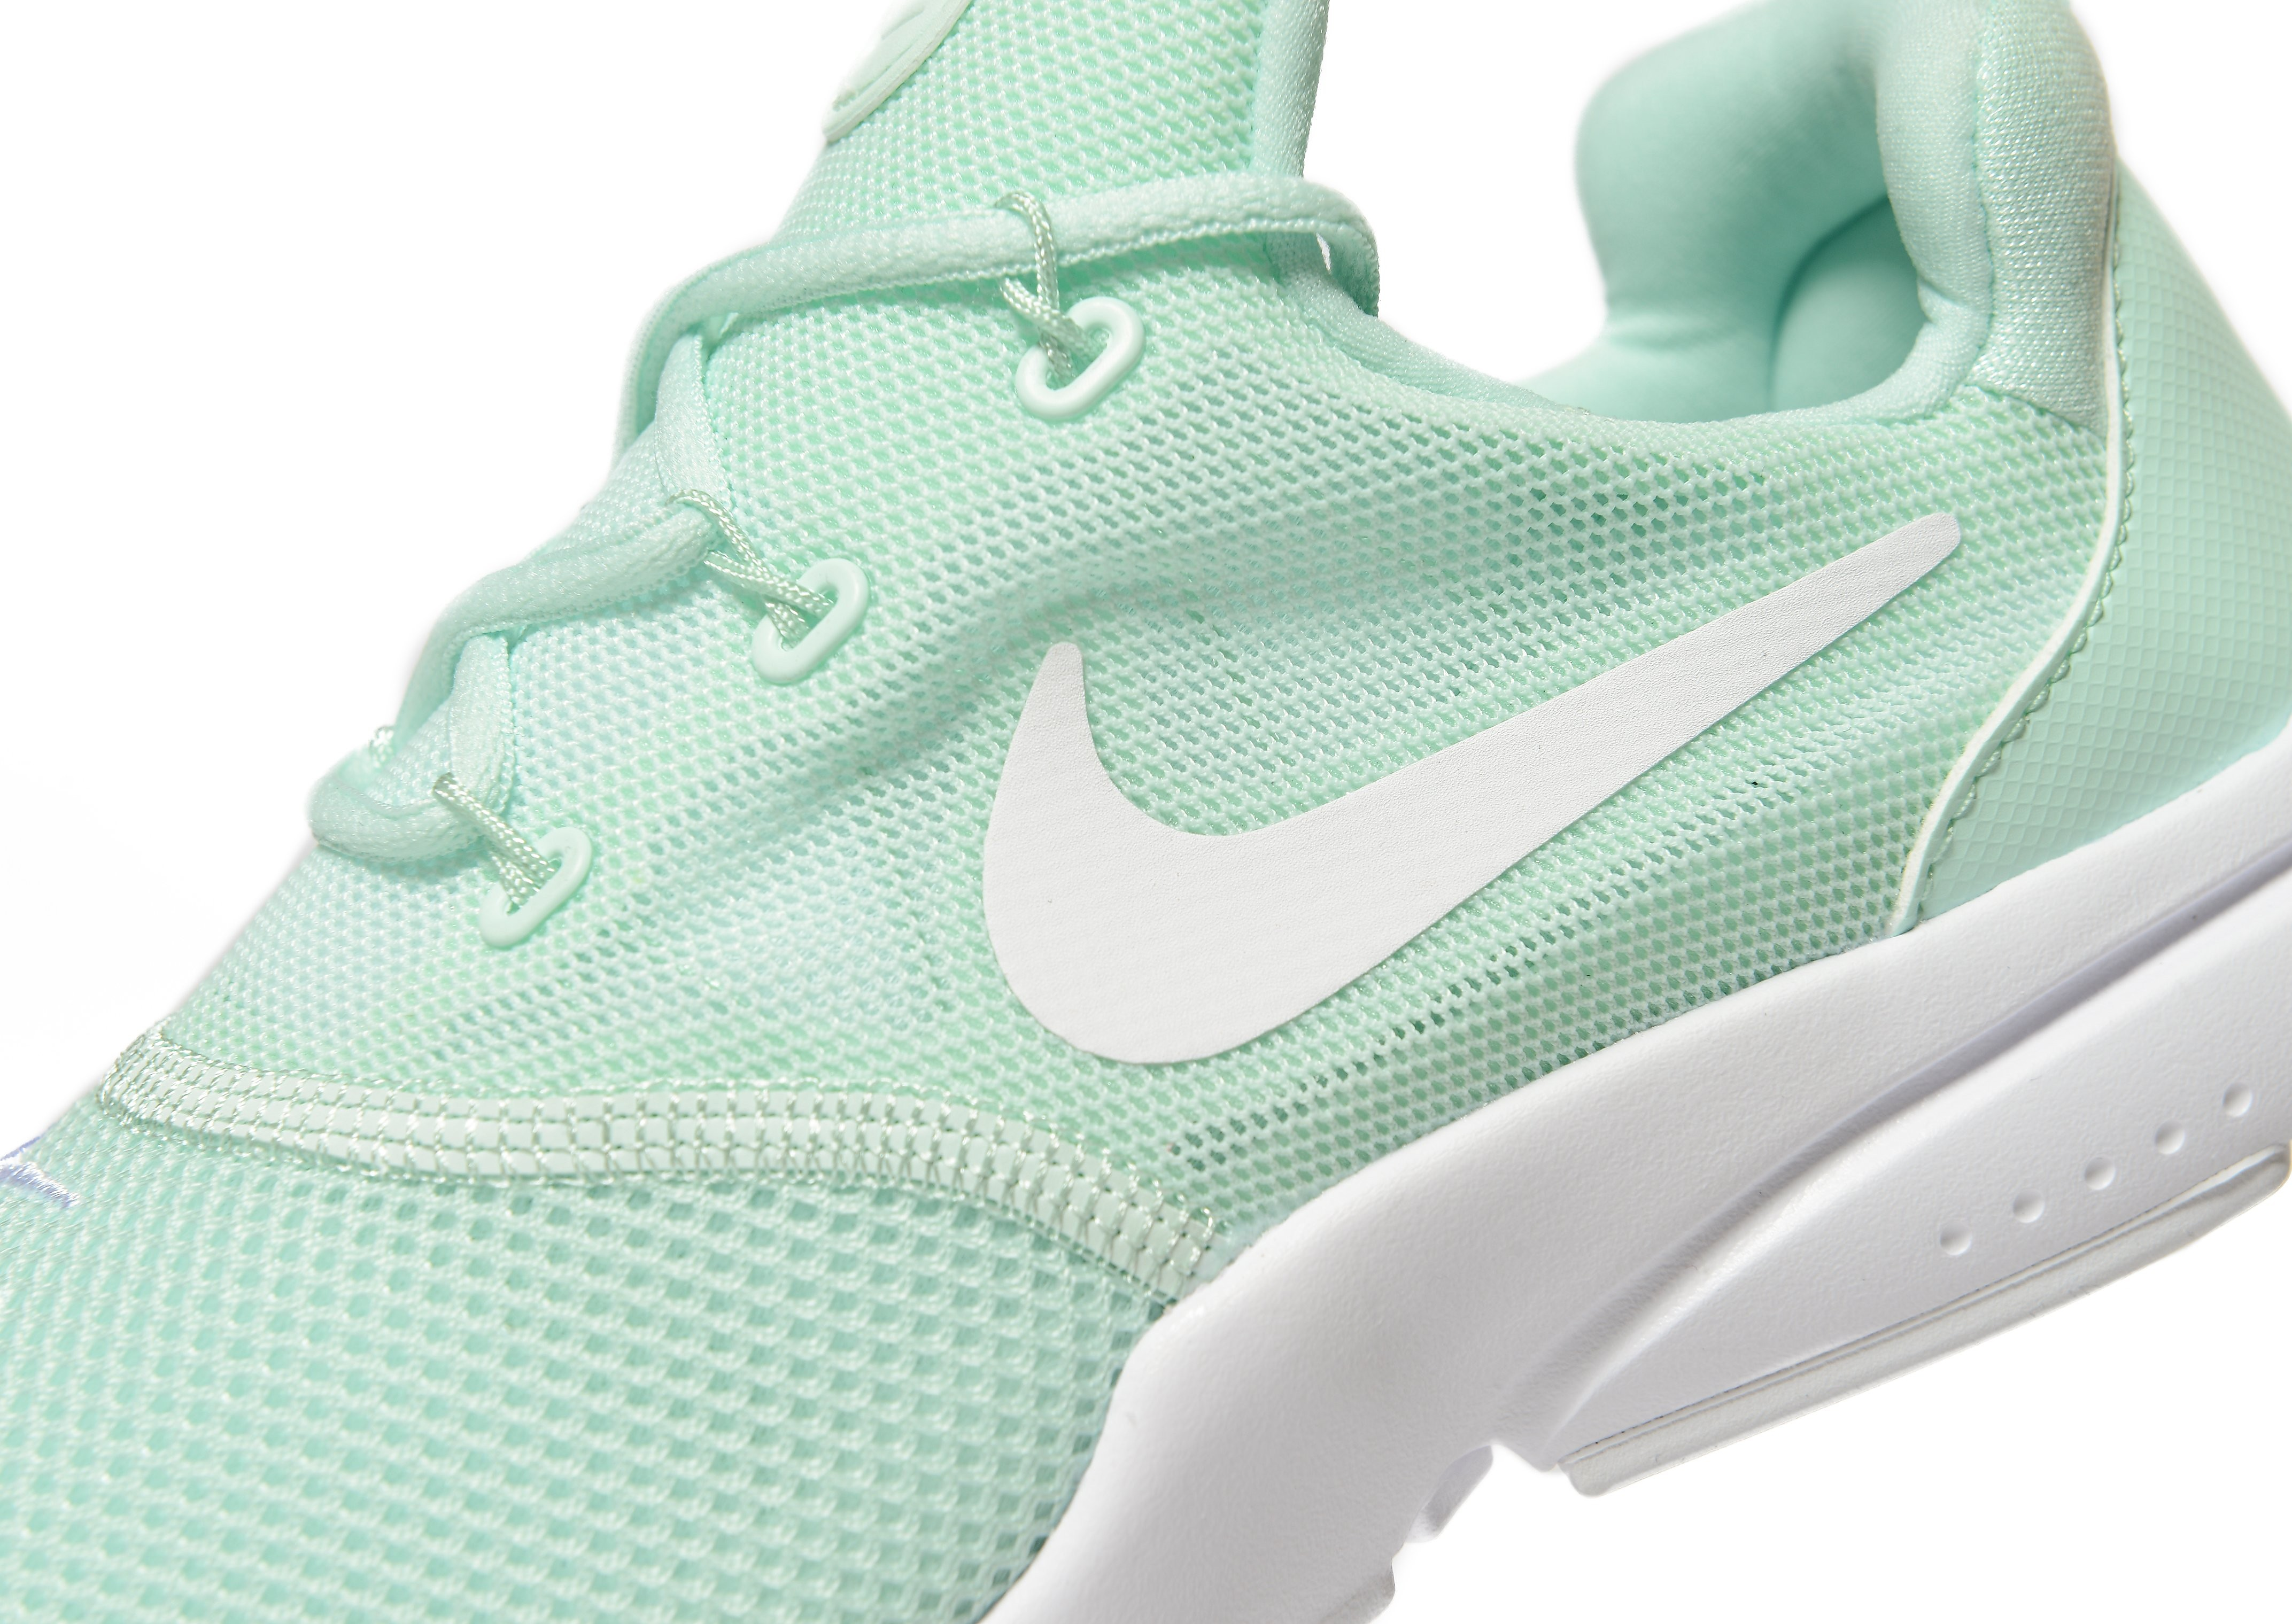 Nike Presto Fly Children